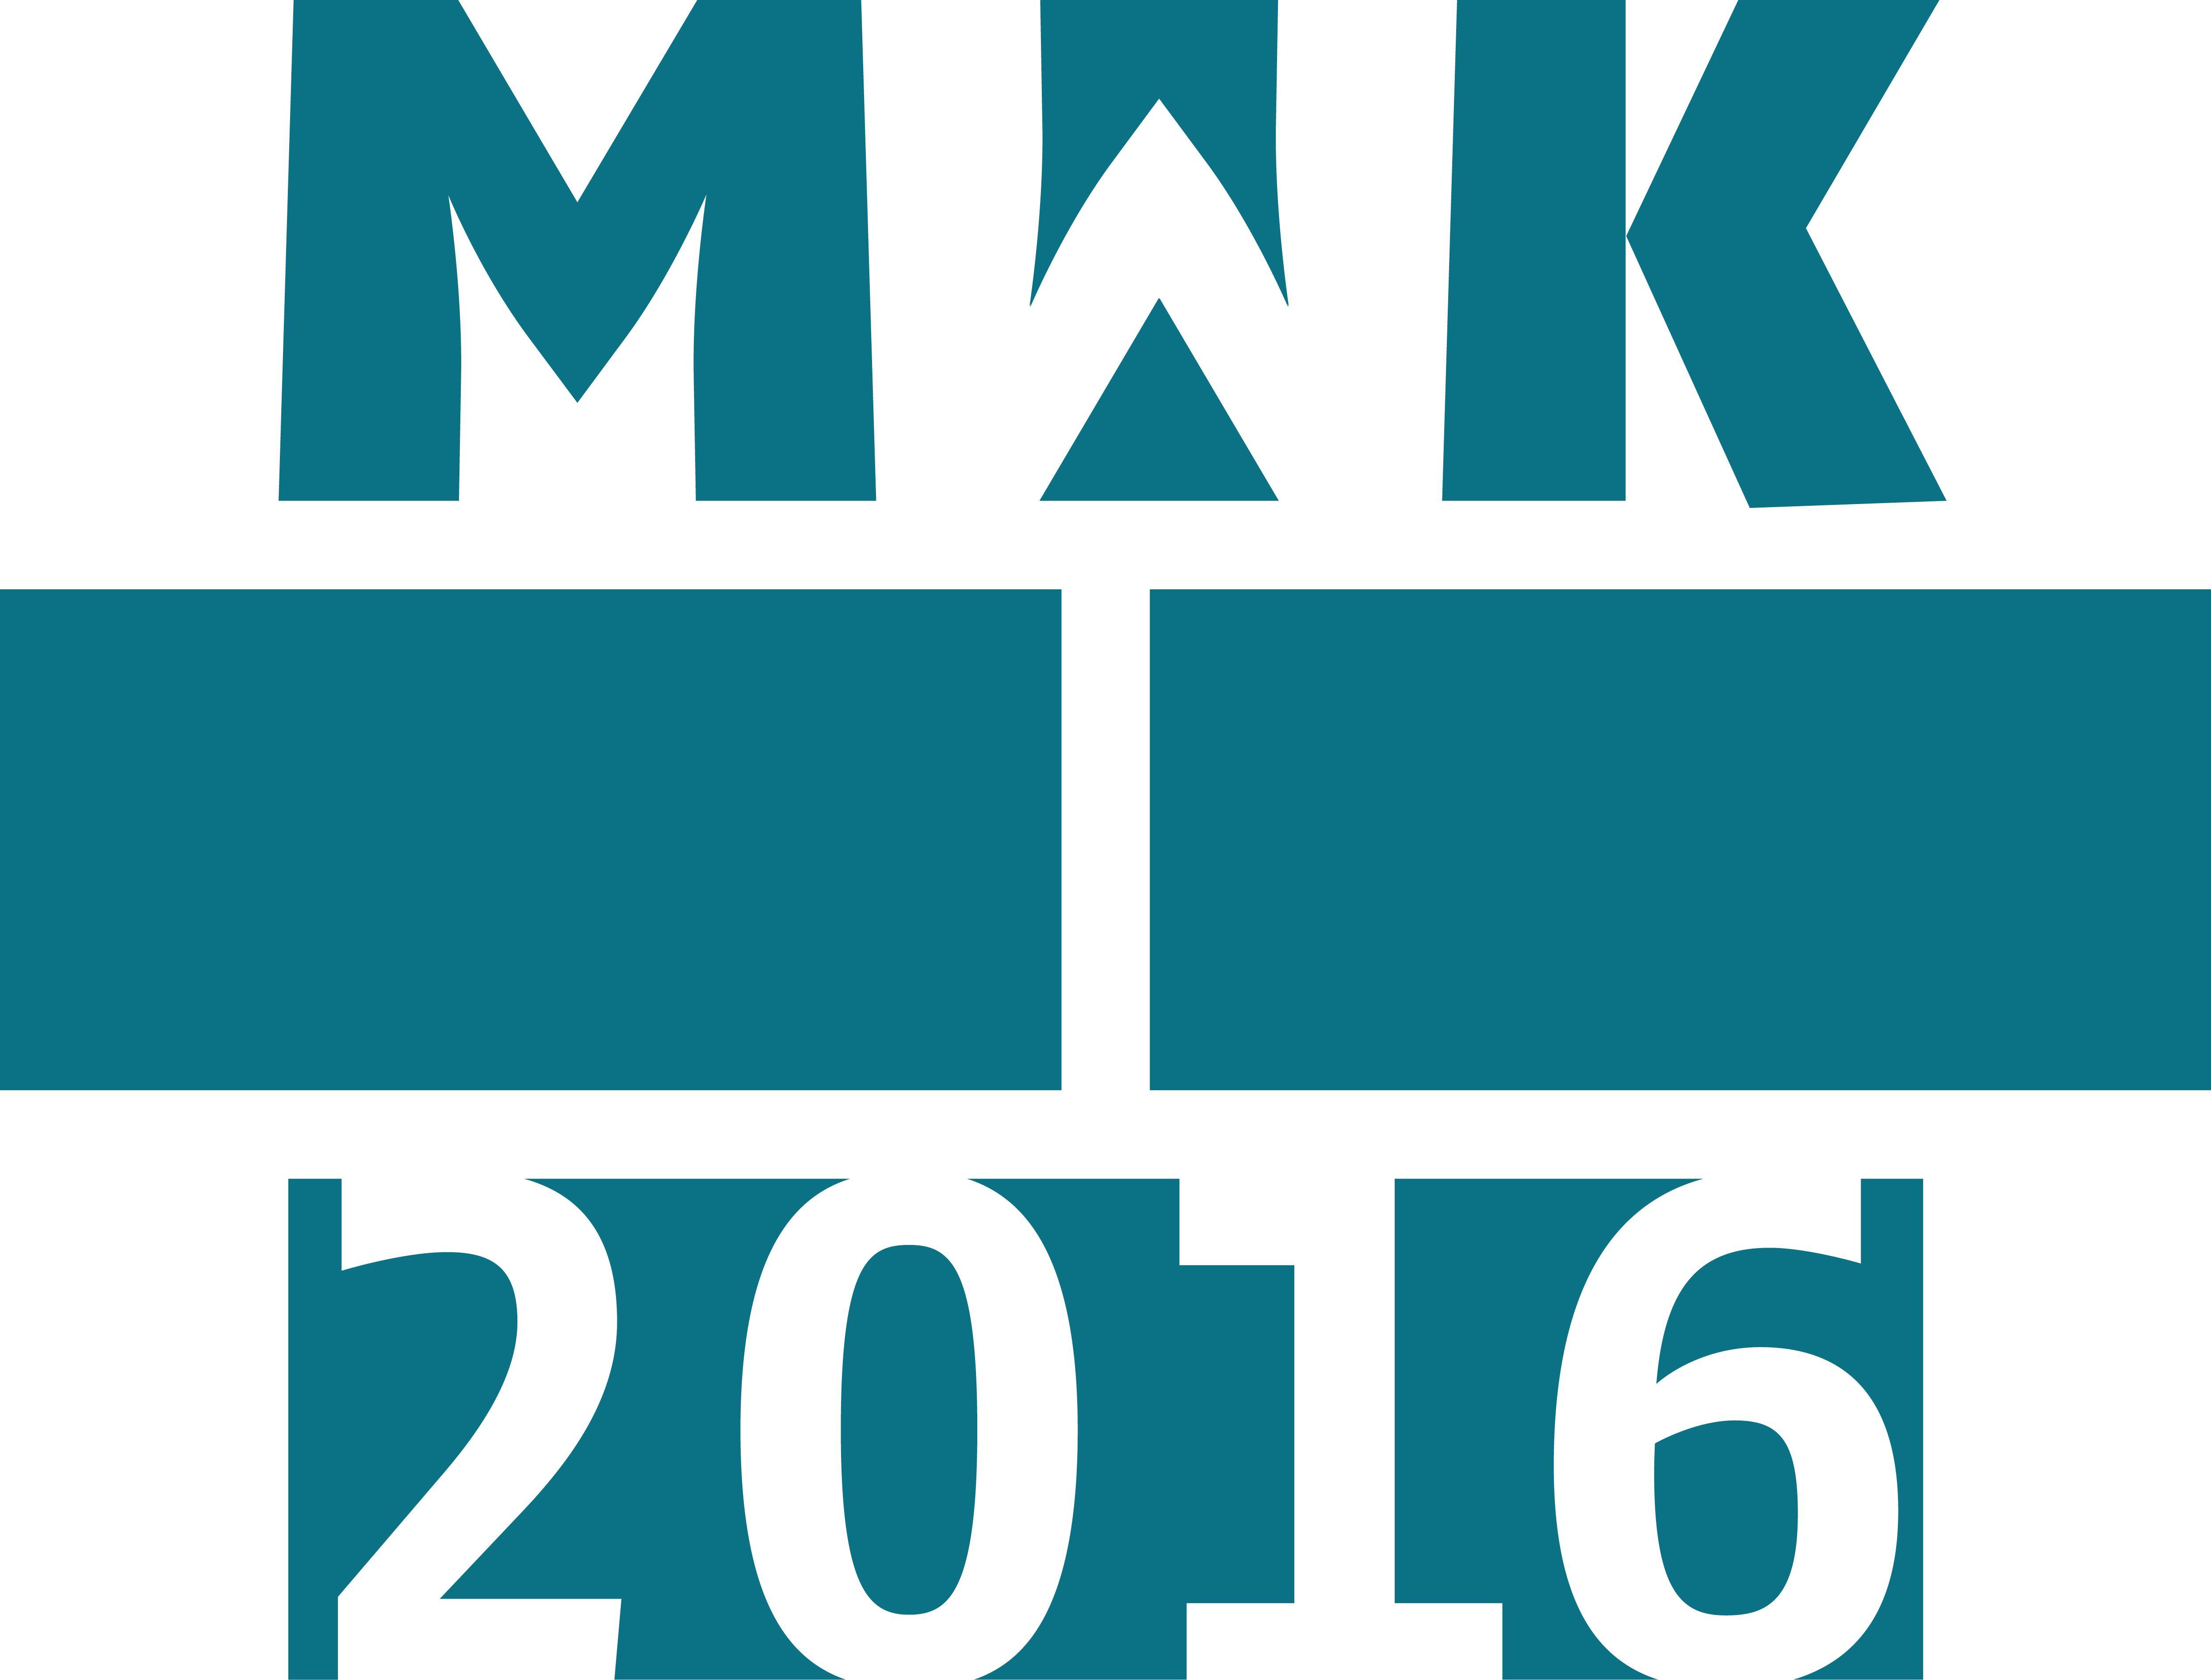 Logo_mwk_deutscher Mauerwerkskongress 2015.jpg